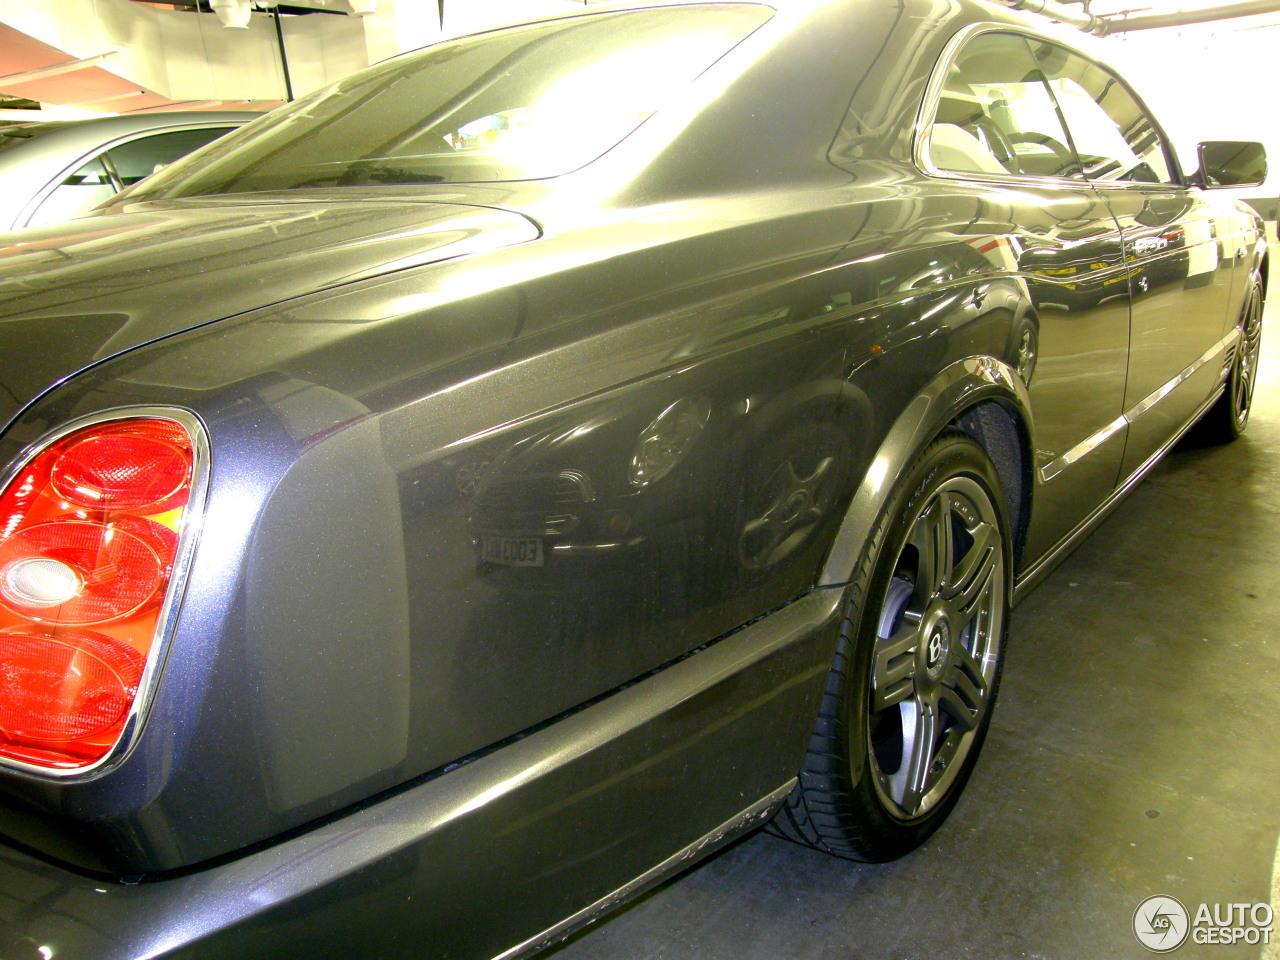 Bentley brooklands 2008 21 november 2012 autogespot 6 i bentley brooklands 2008 6 vanachro Choice Image